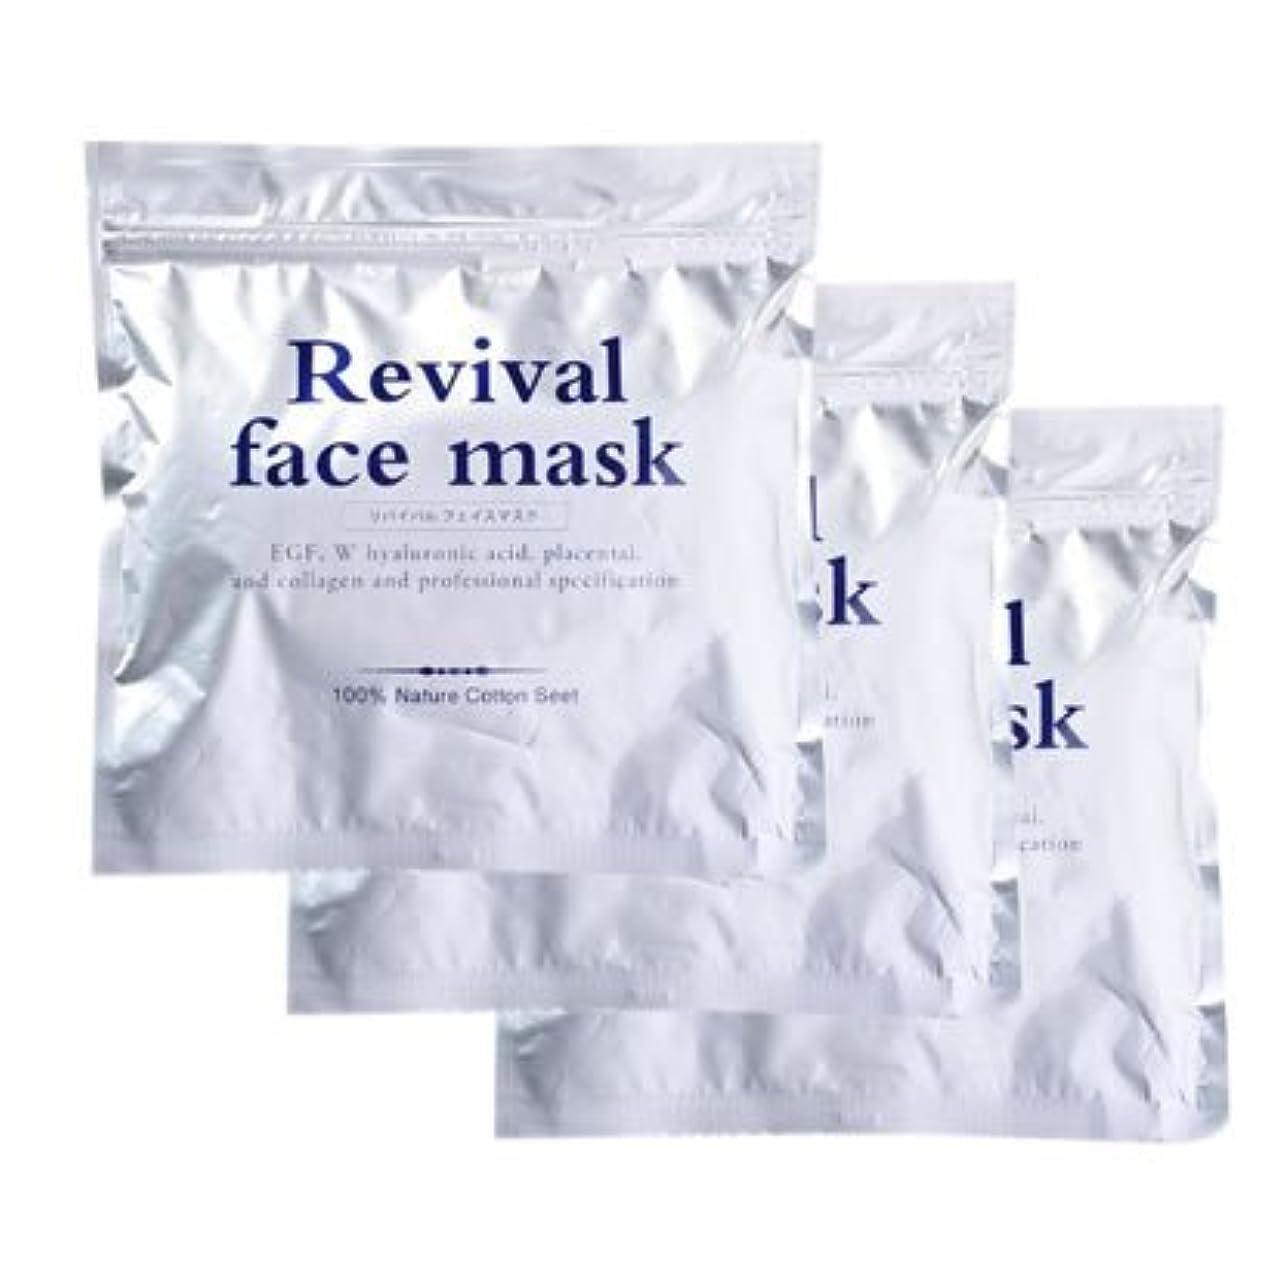 ソフトウェア損失謝罪するリバイバルフェイスマスク 90枚セット(30枚×3袋)